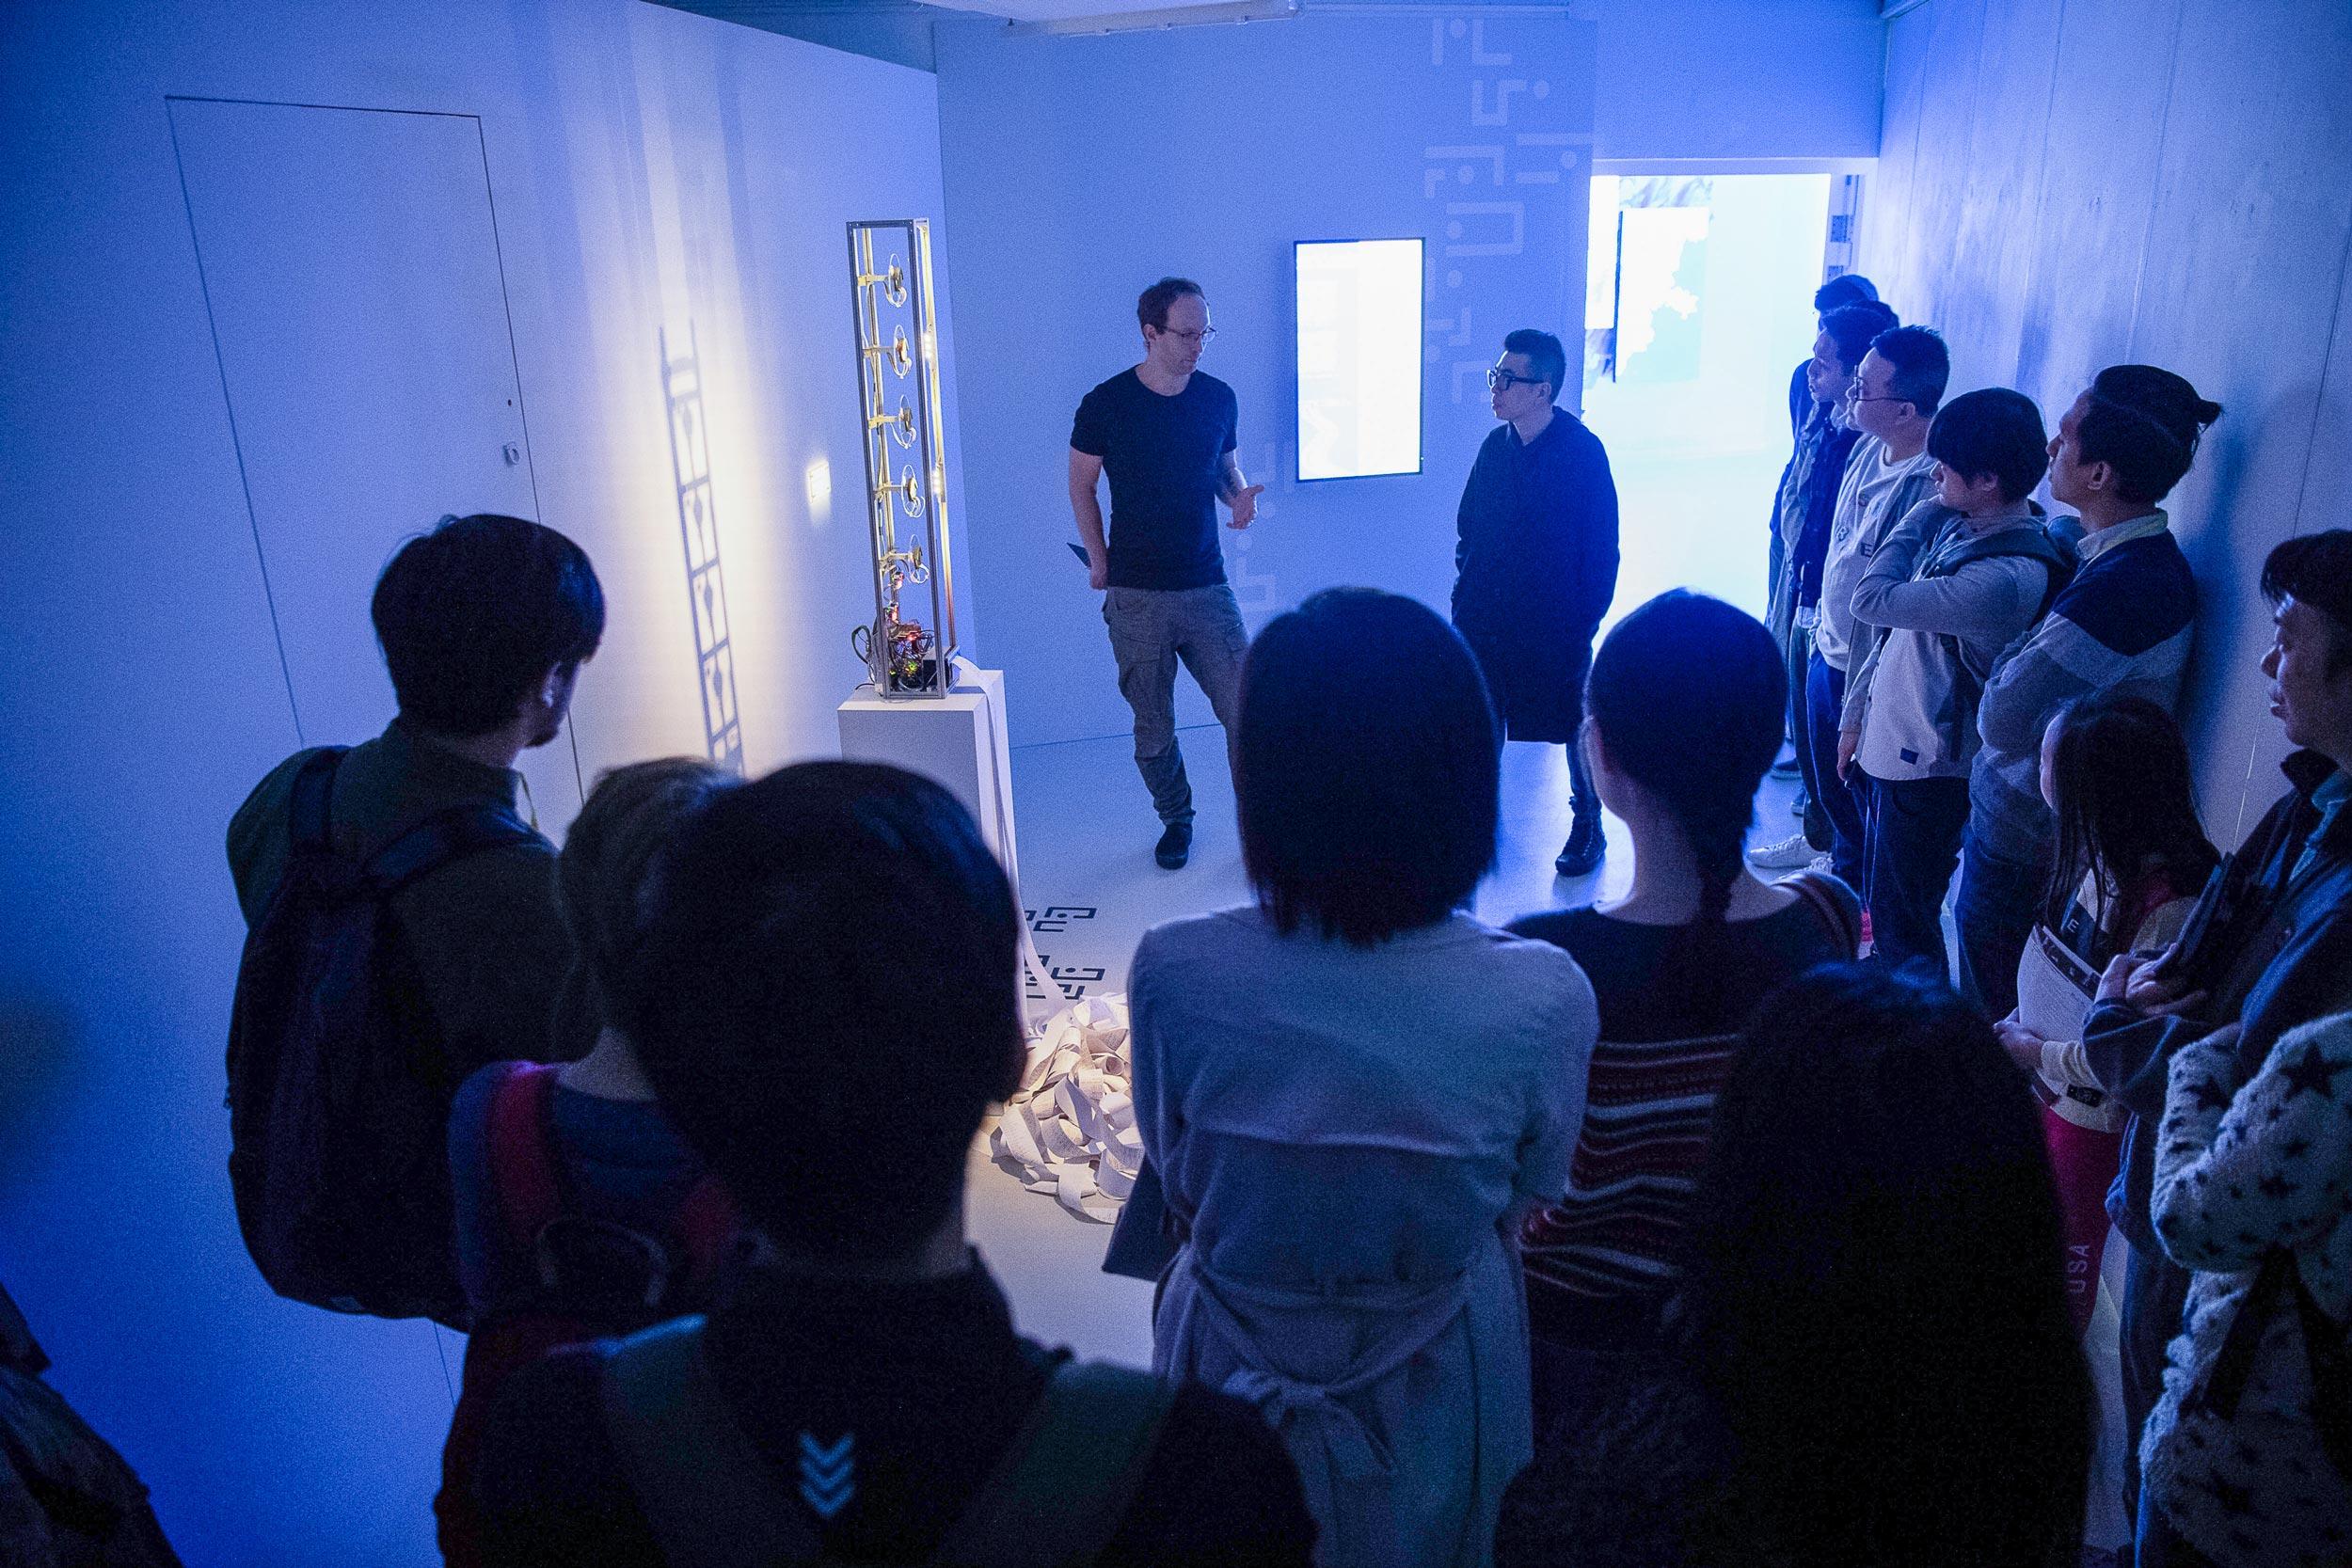 策展人葉旭耀與藝術家::vtol:: (俄羅斯)分享其作品《Umbilical Digital》